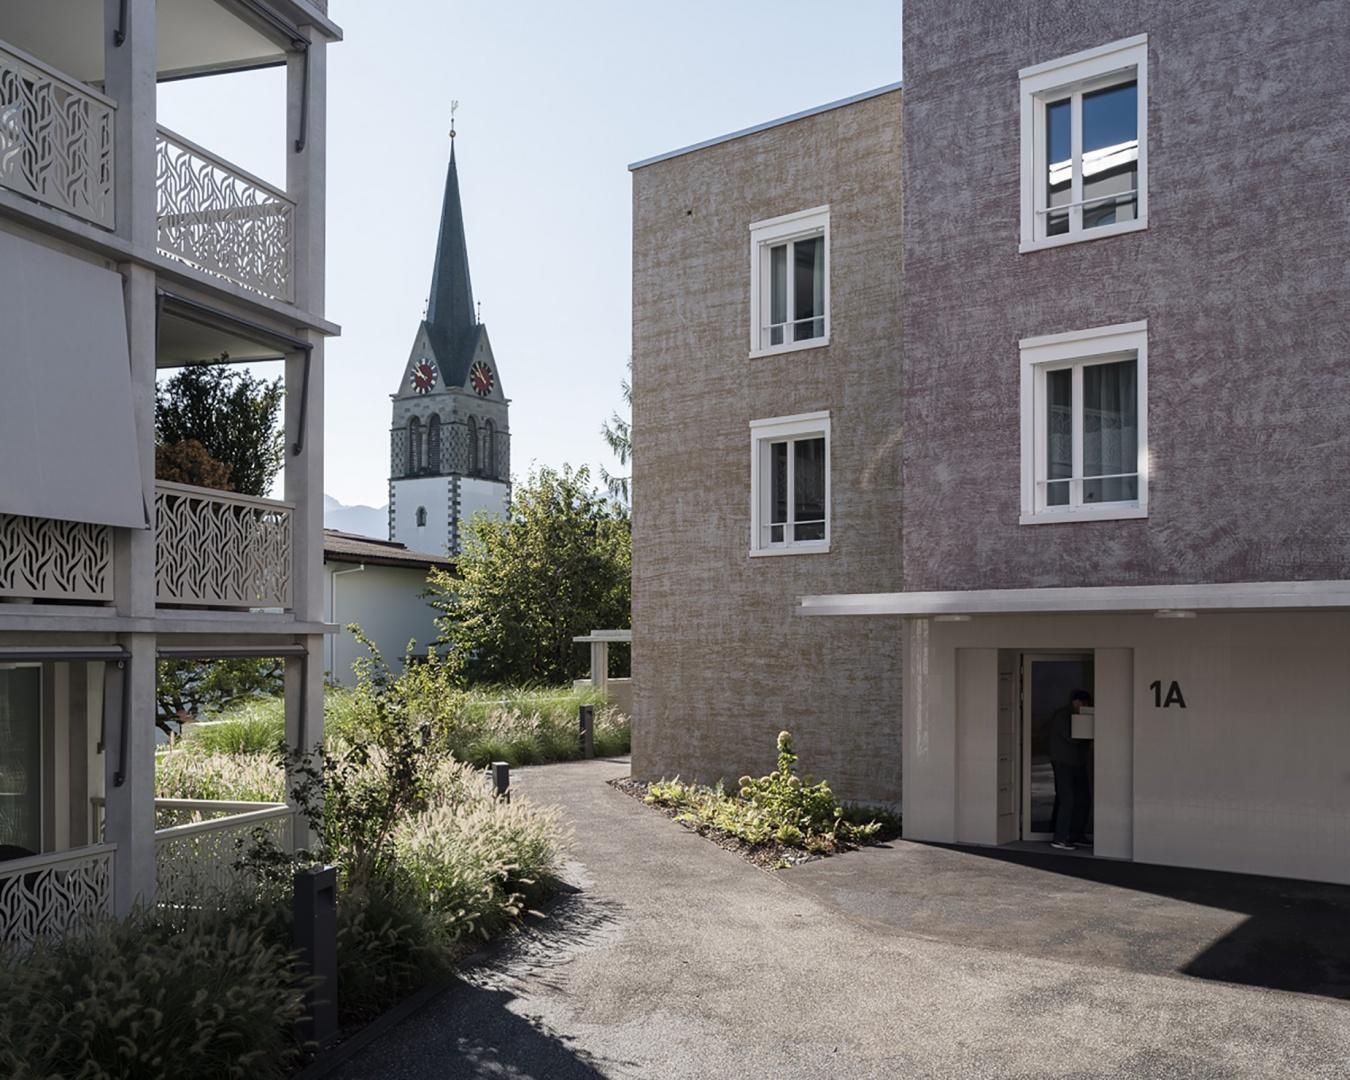 Erweiterung des Dorfzentrums © Stephan Bösch, St. Gallen 2017